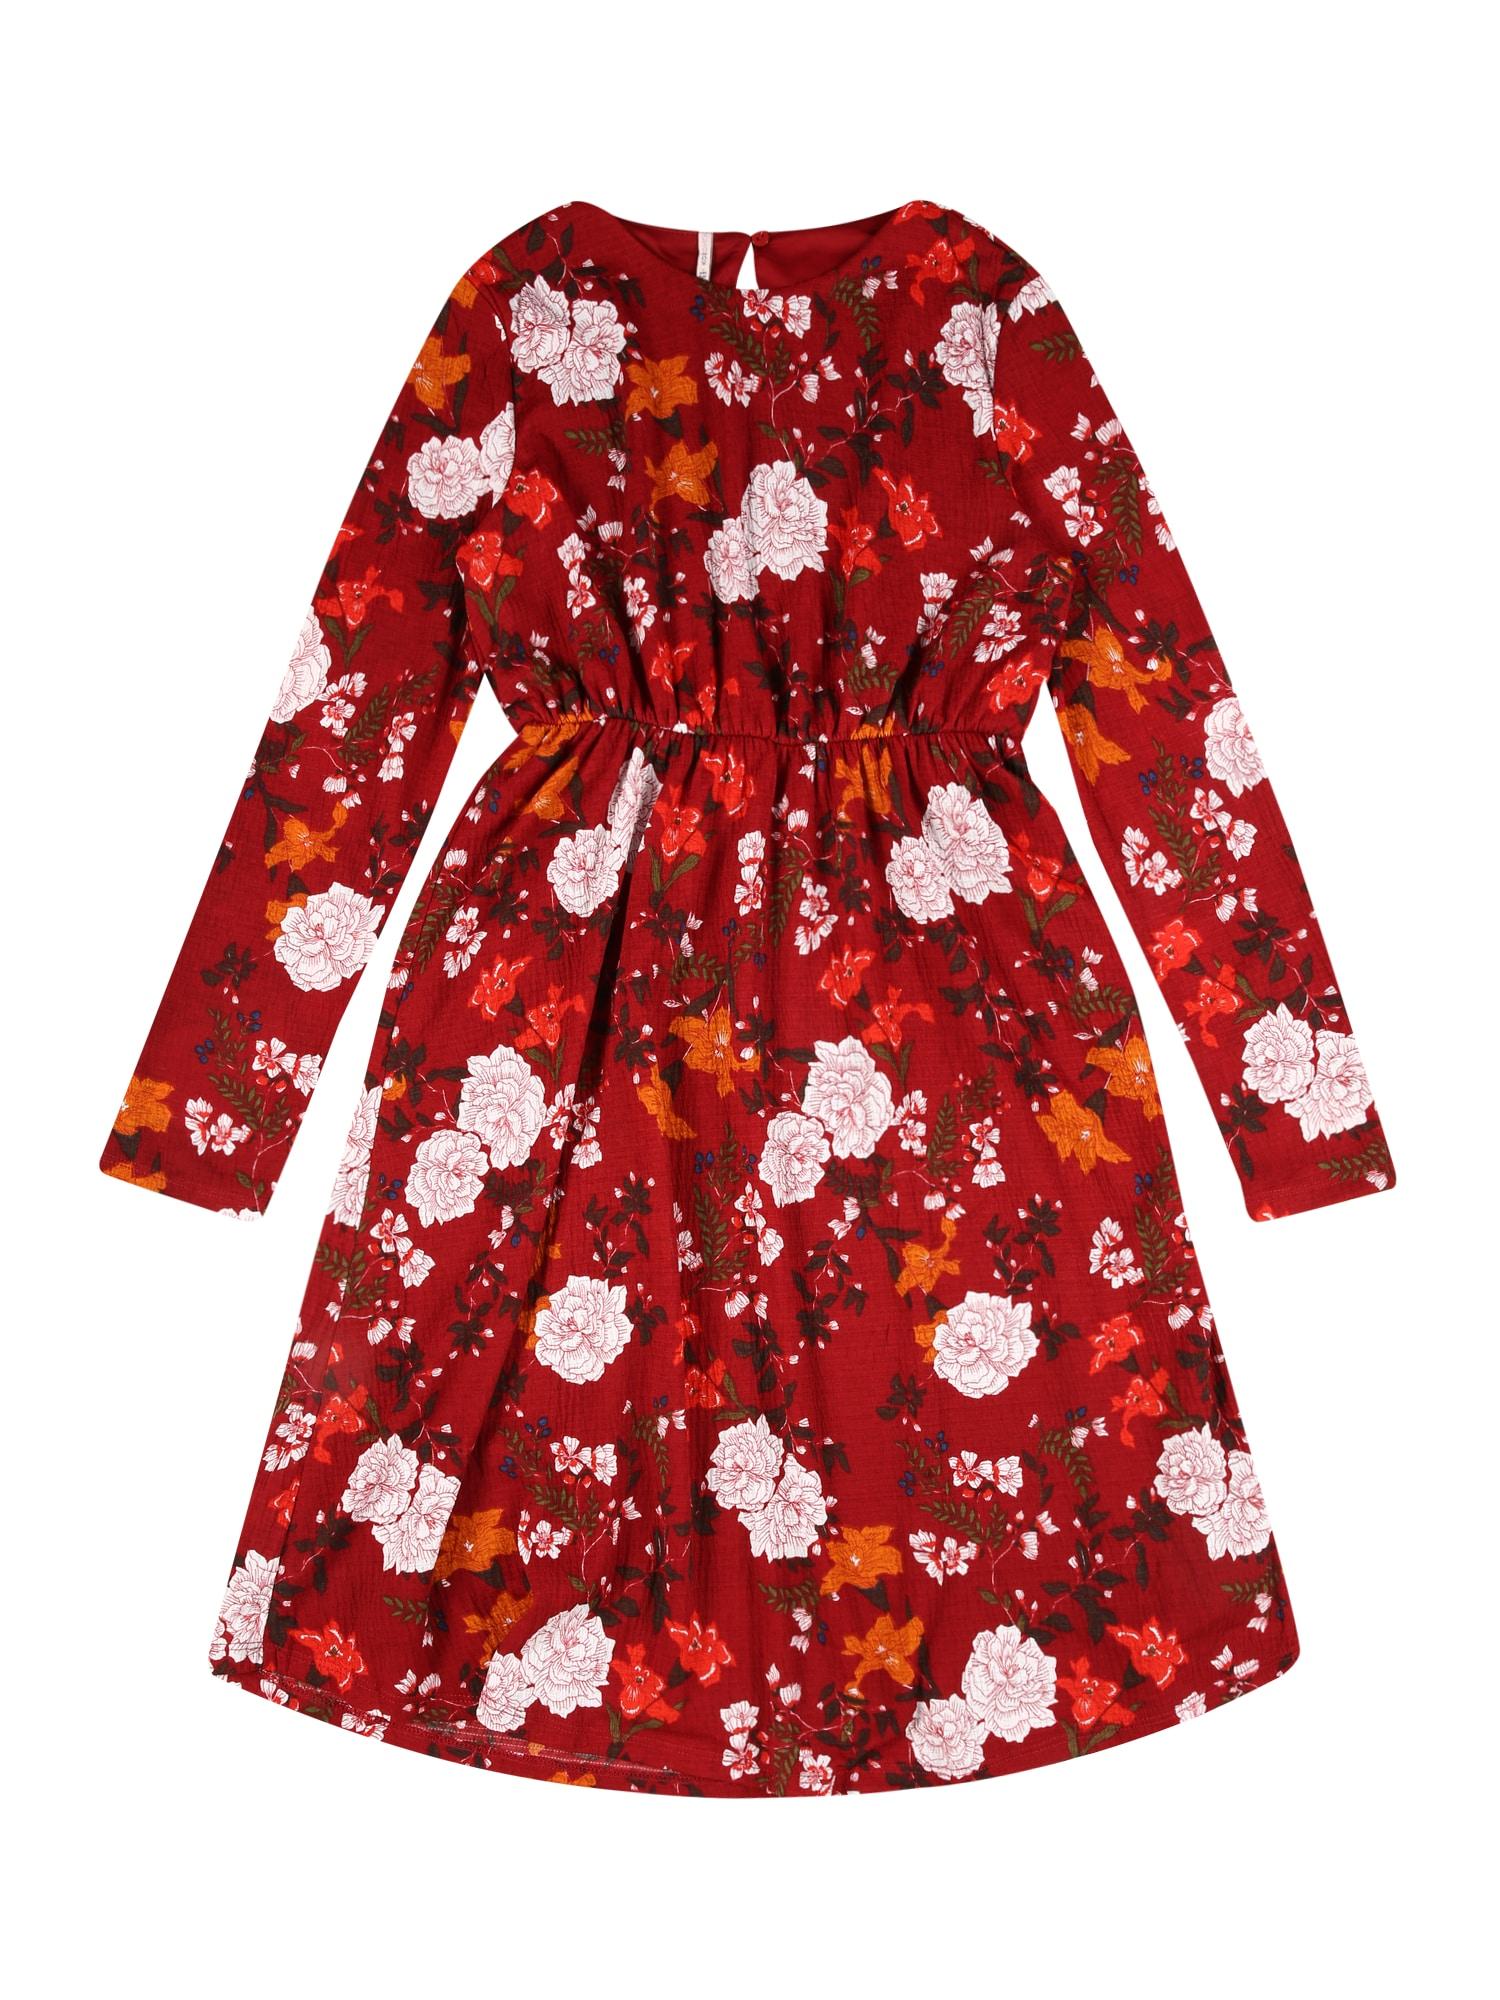 KIDS ONLY Suknelė 'PELLA' karmino raudona / mišrios spalvos